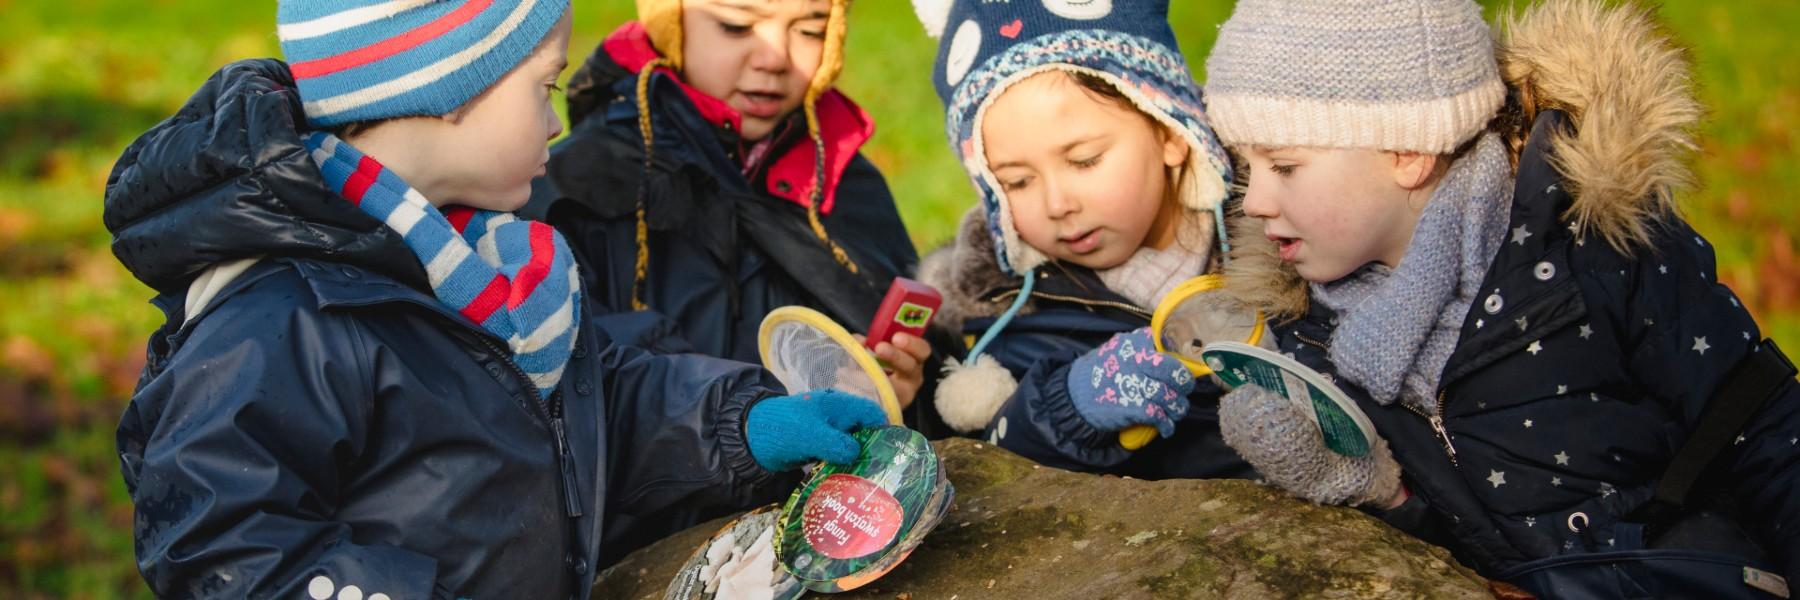 Nursery children in garden